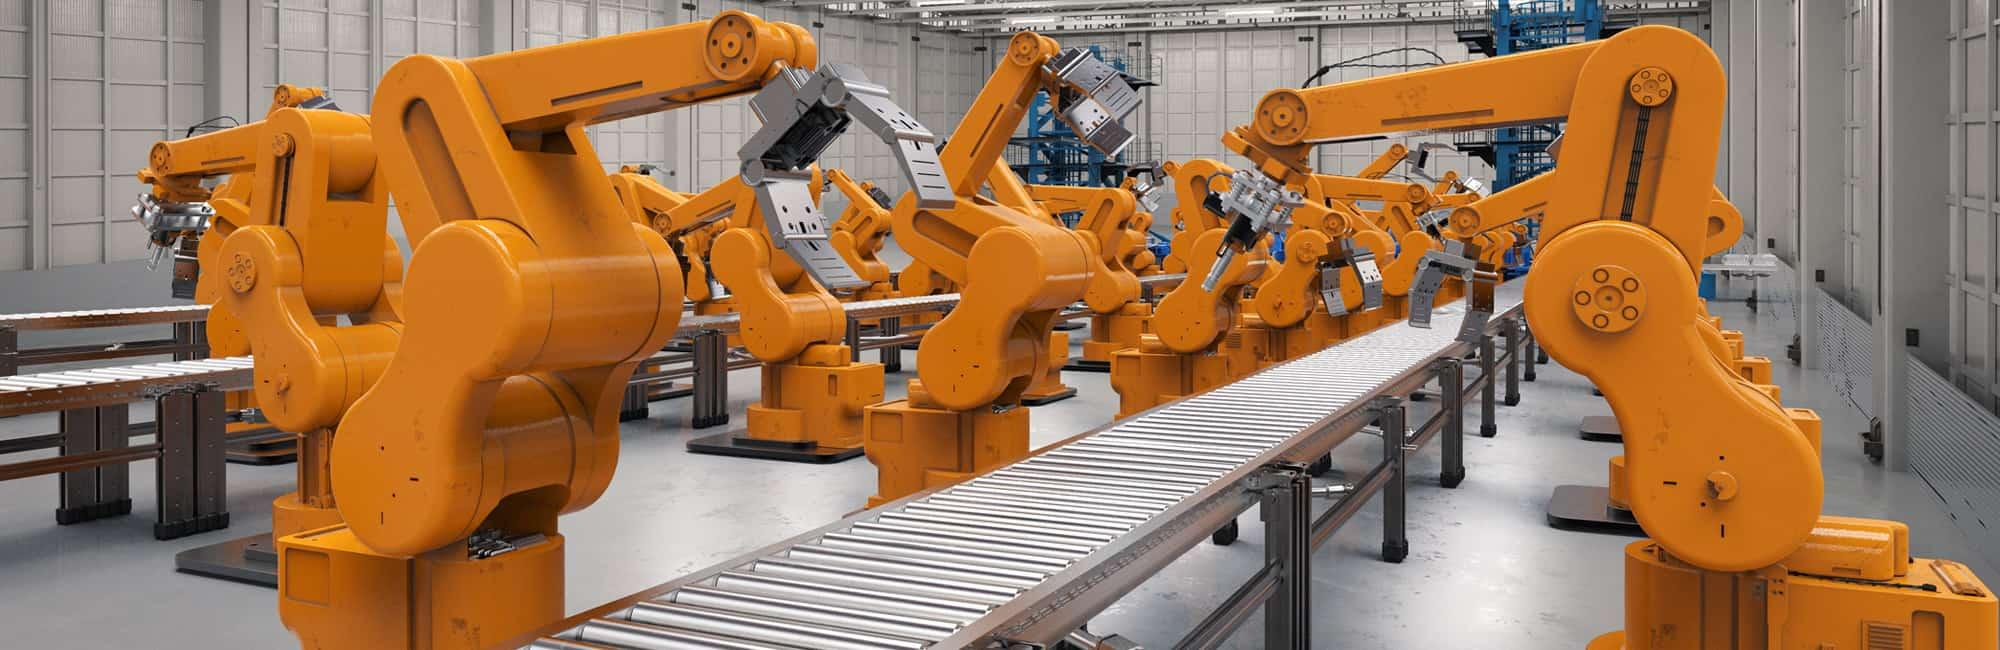 Machinery & Robotics